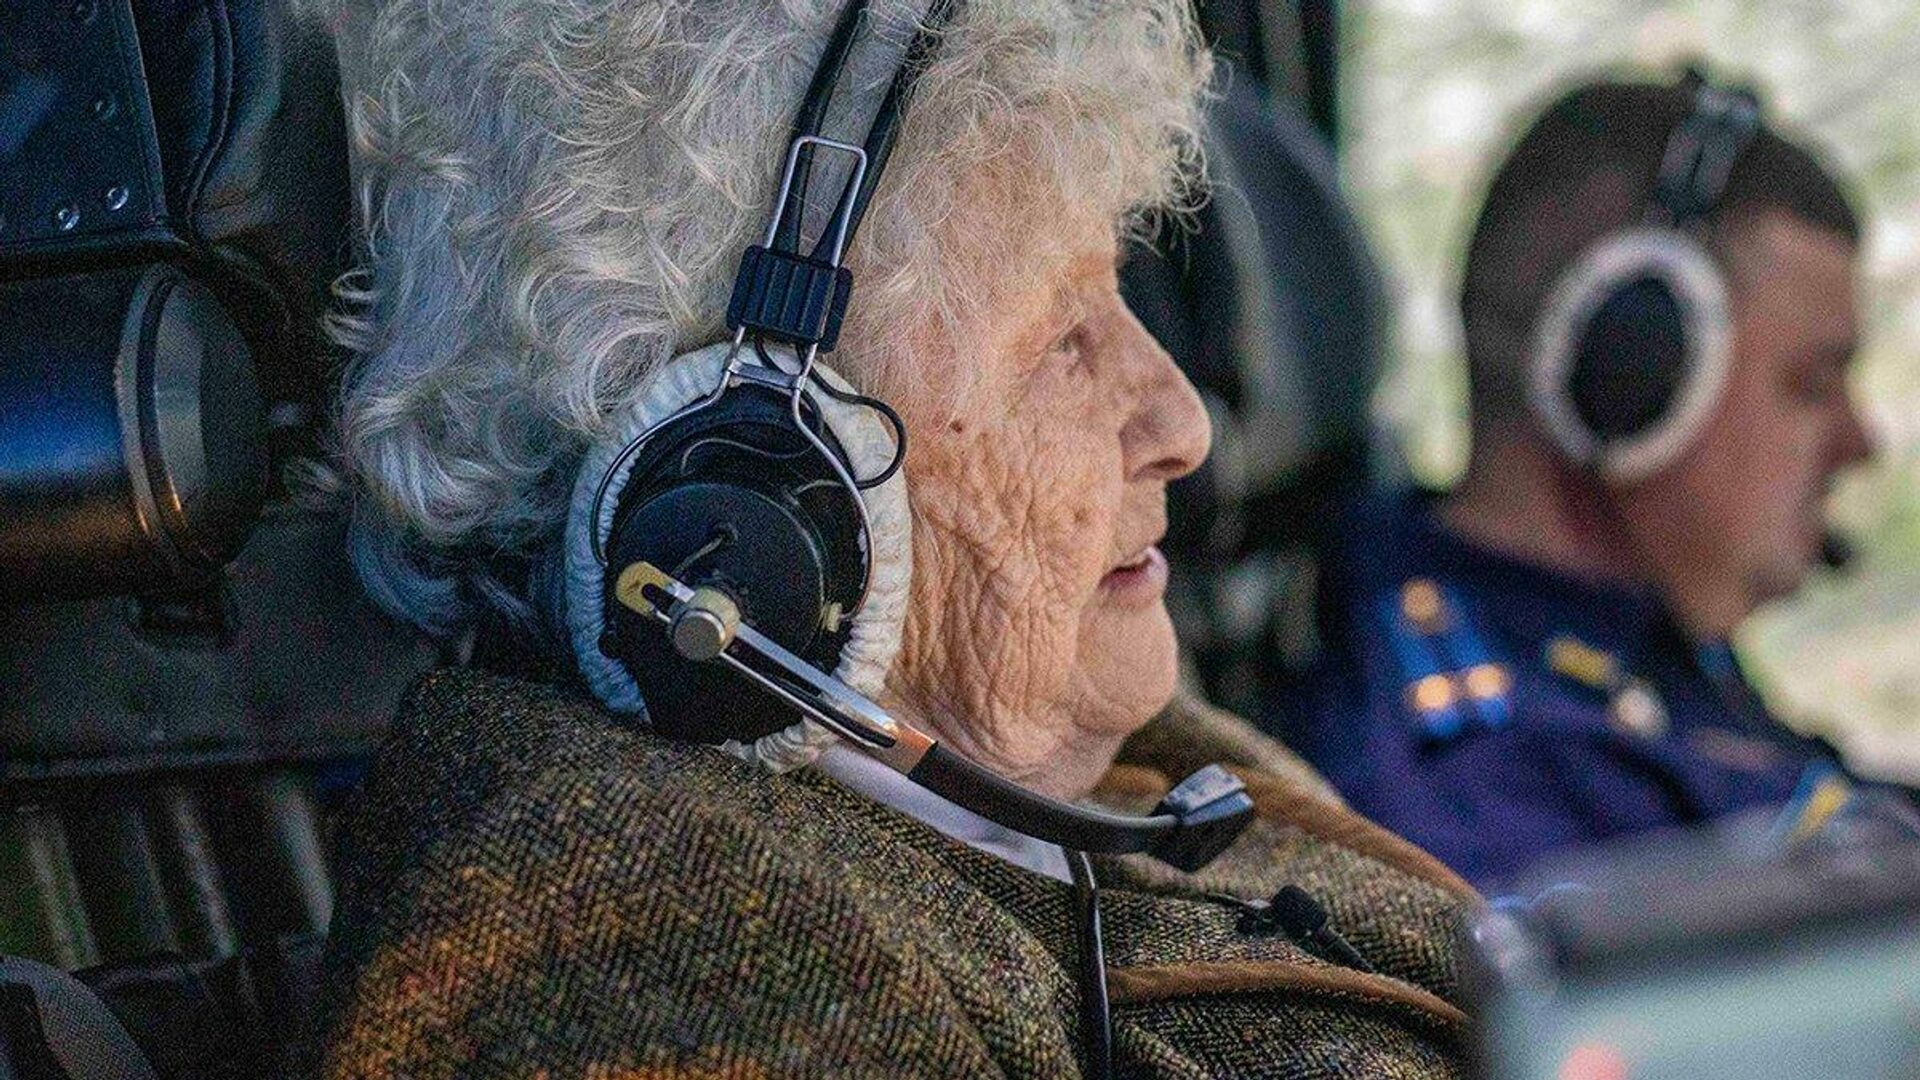 María Koltakova, veterana de la II Guerra Mundial de 99 años de edad - Sputnik Mundo, 1920, 25.03.2021